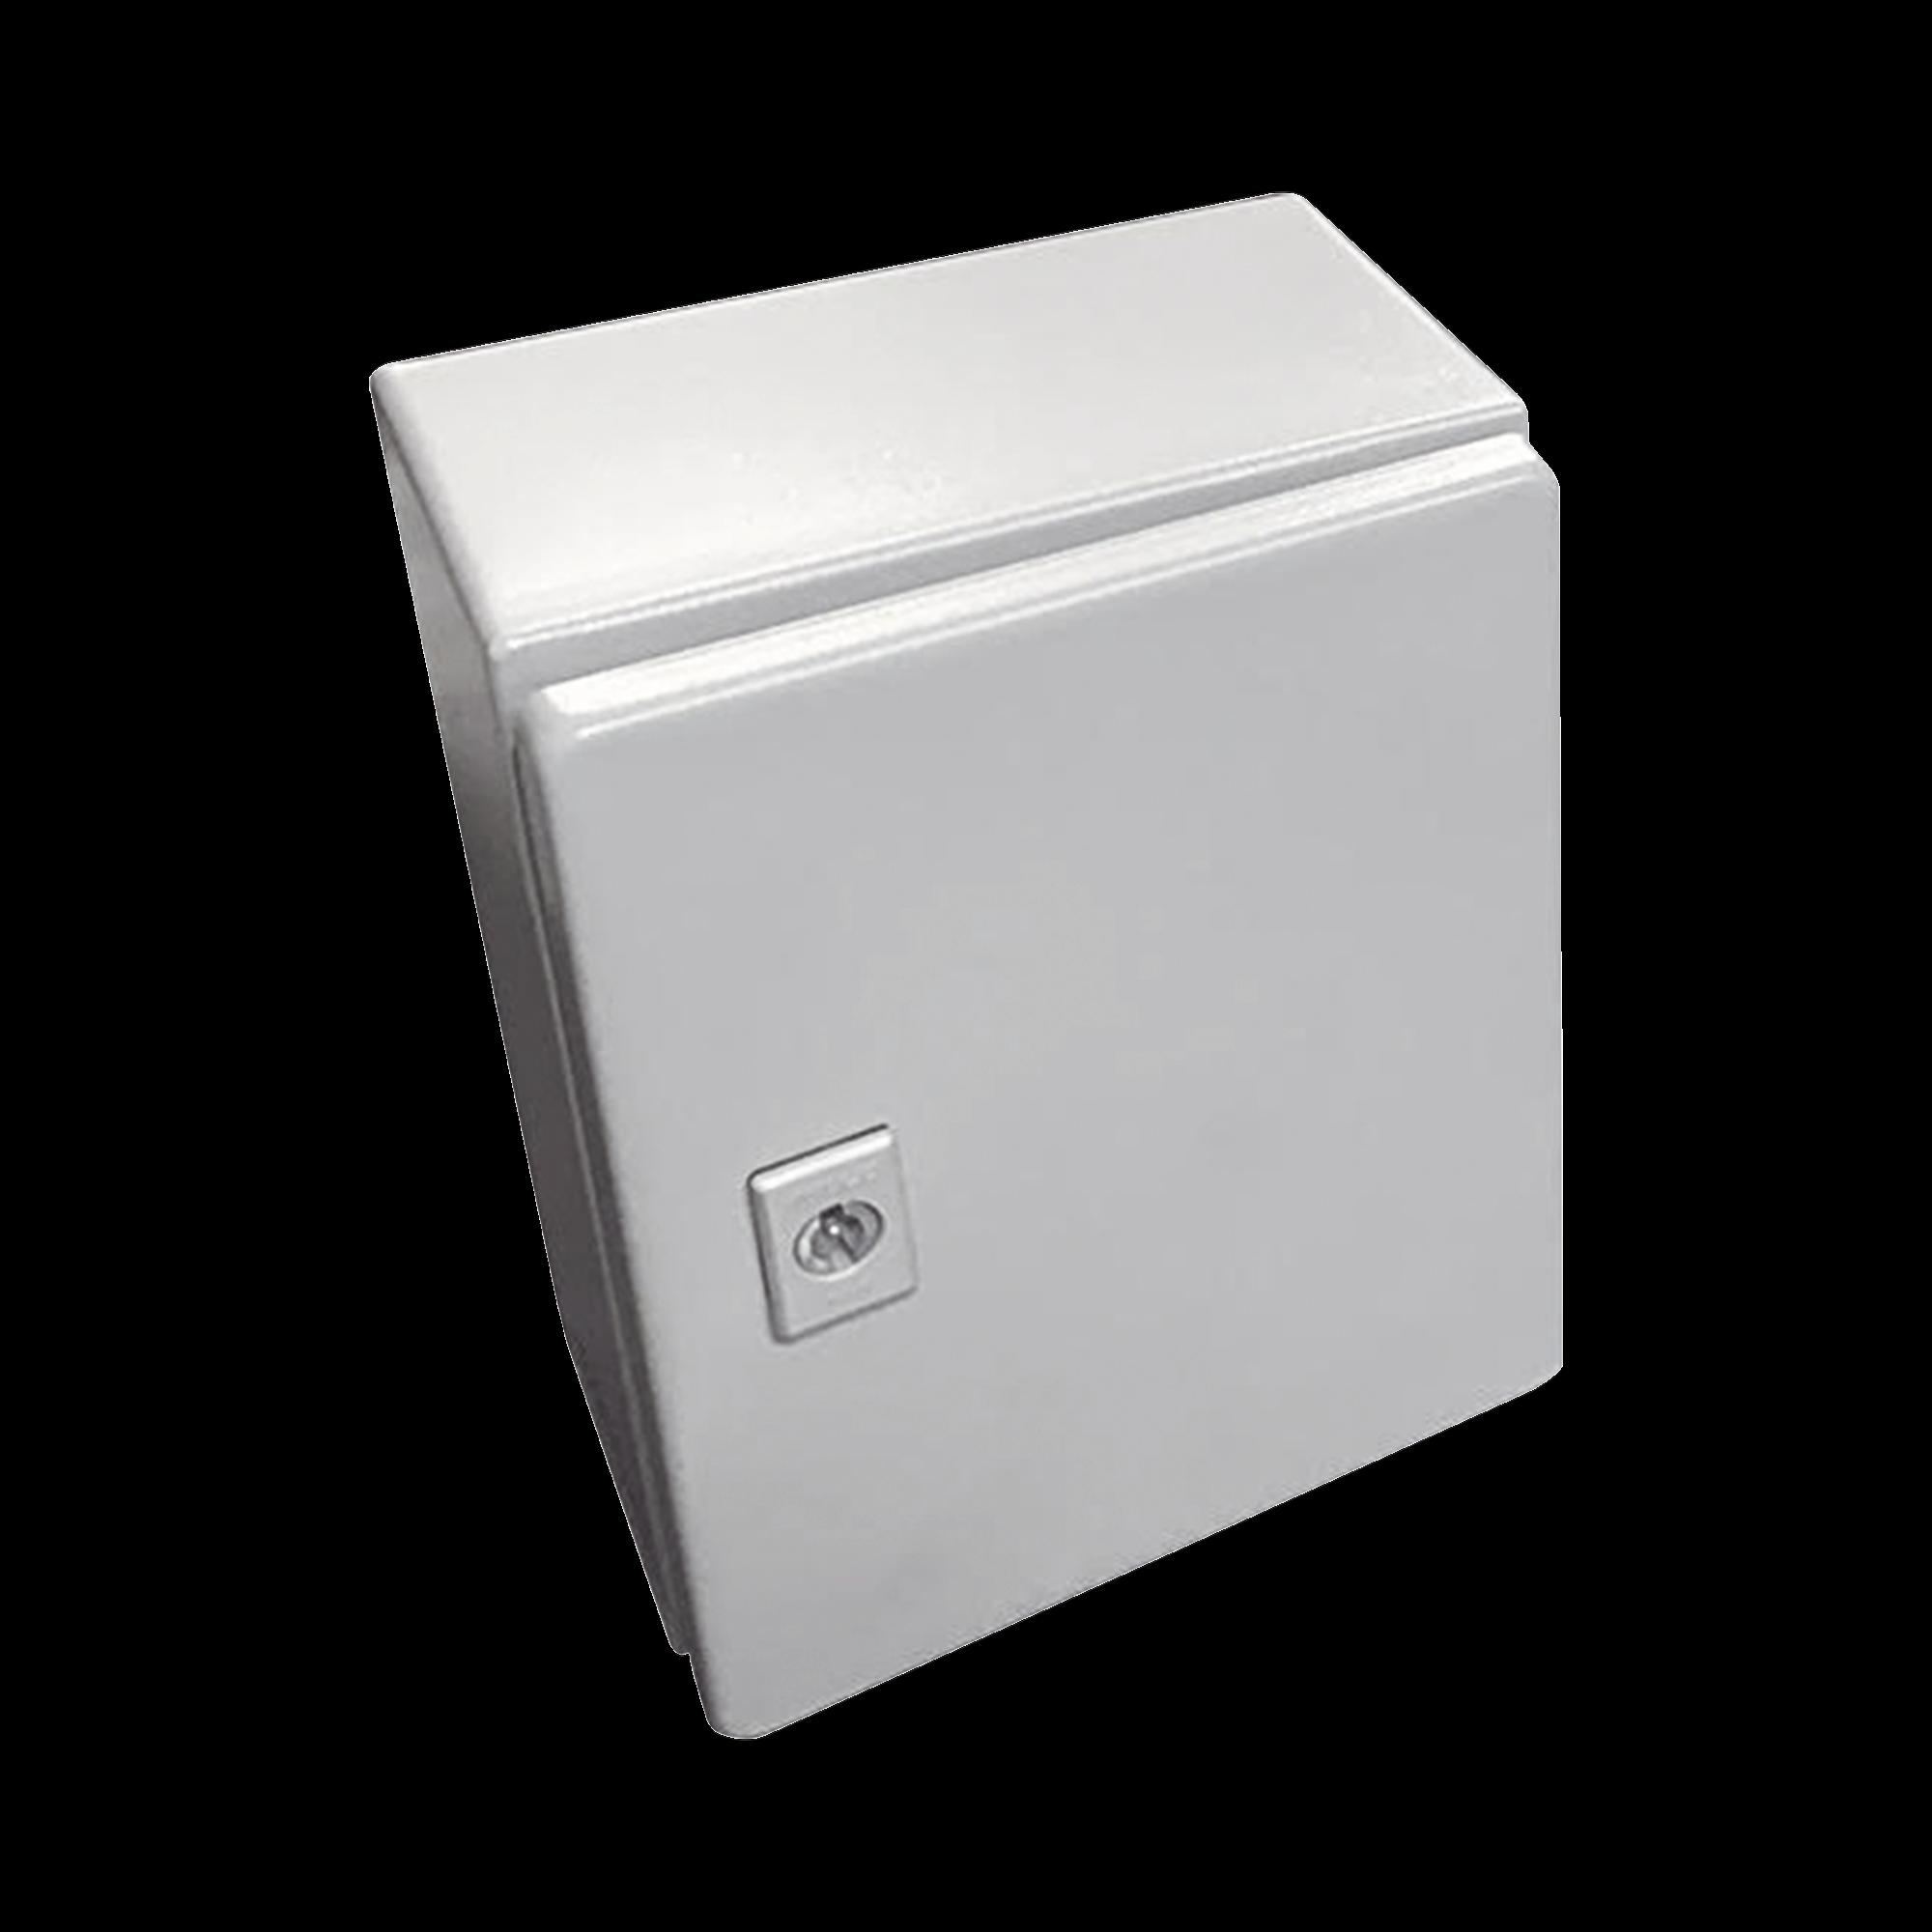 Gabinete Nema 4 -IP 66 de 30x25x15 cm con Platina y certificado UL.